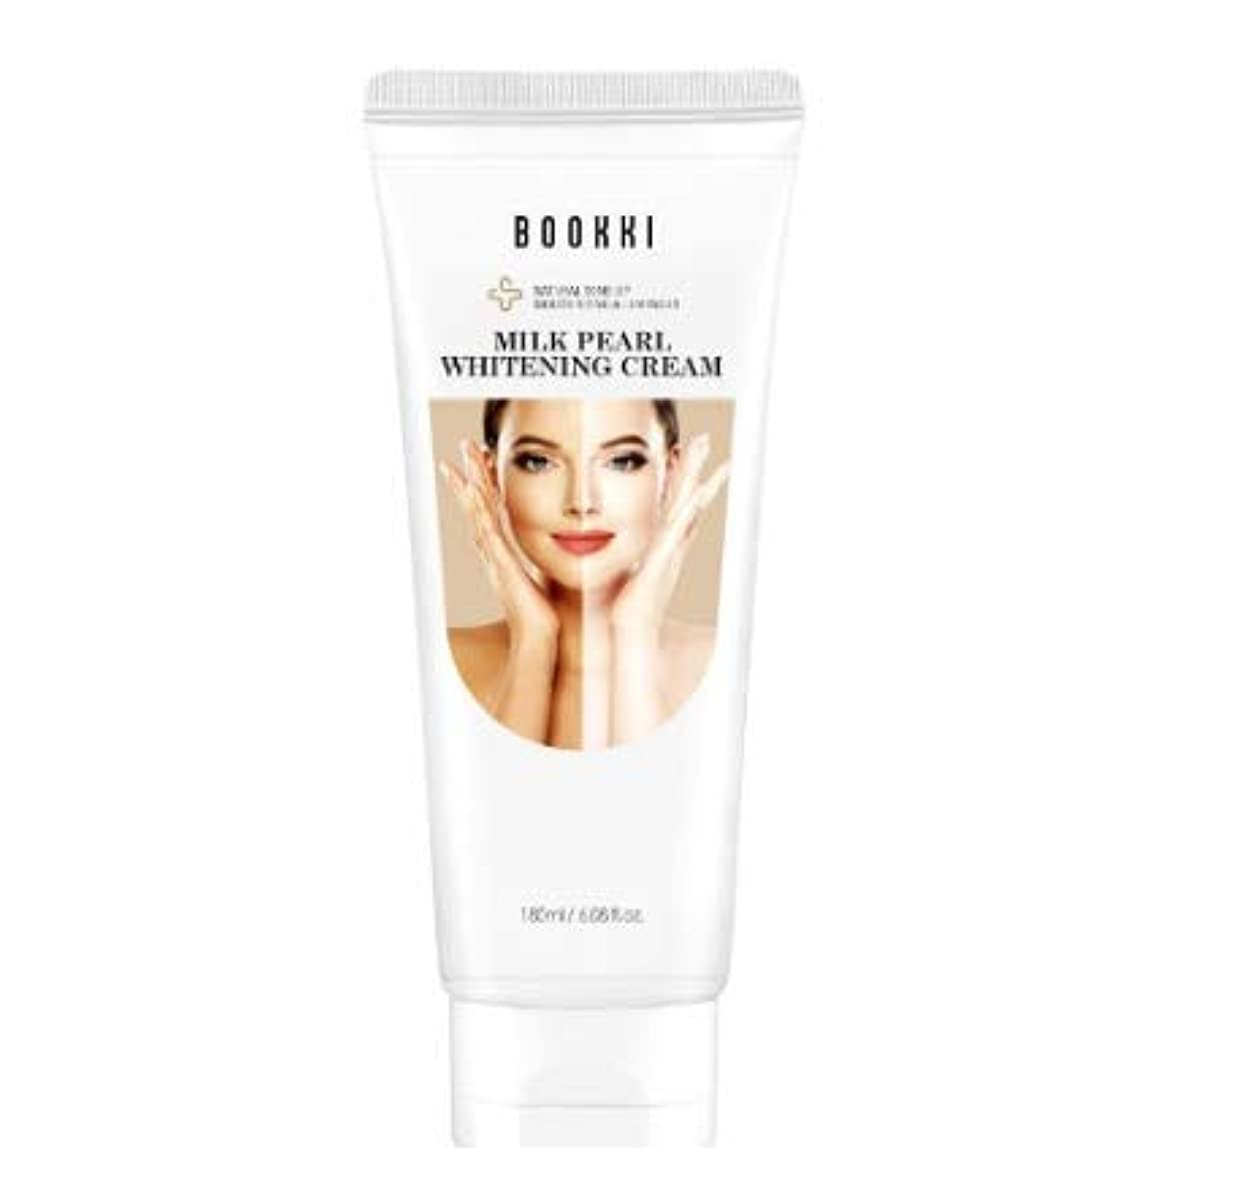 ペナルティいまダブルミルク·パール·ホワイトニング·クリーム (180ml) 美白 美顔 美容 ホワイトニング